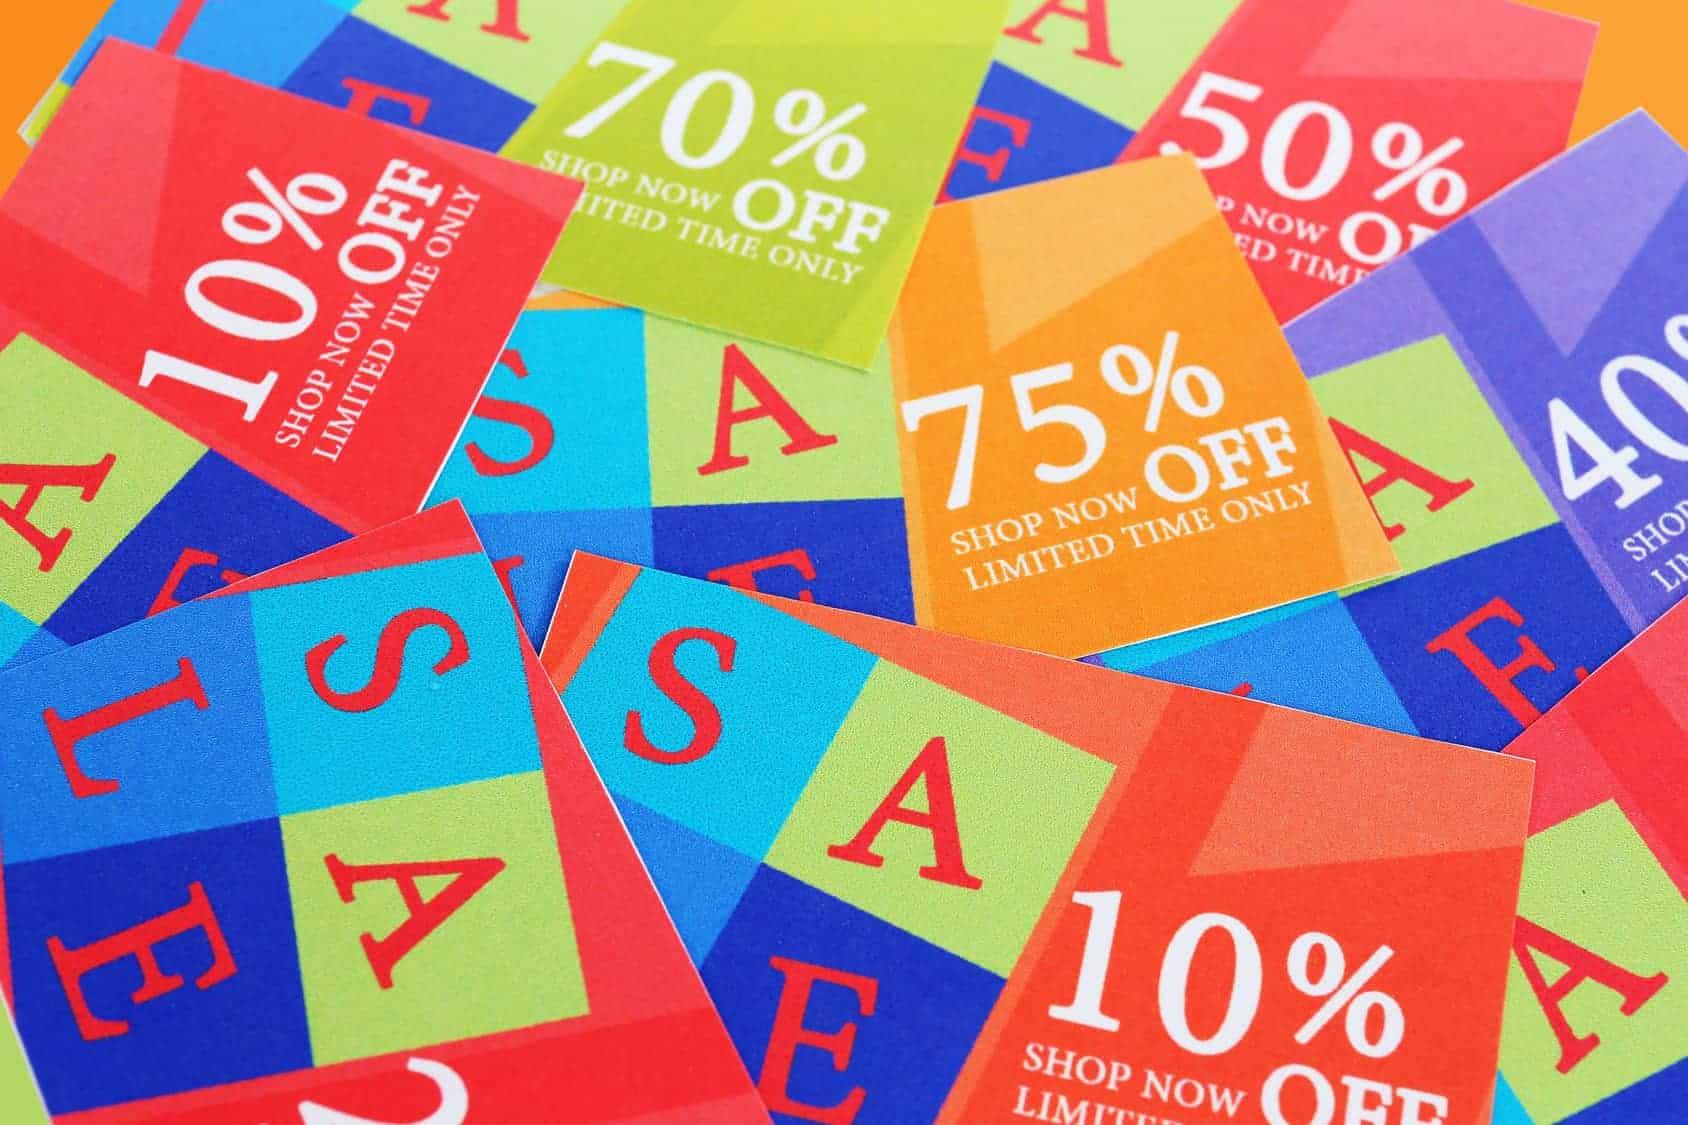 posibles cupones de ofertas para las compras de regreso a clases